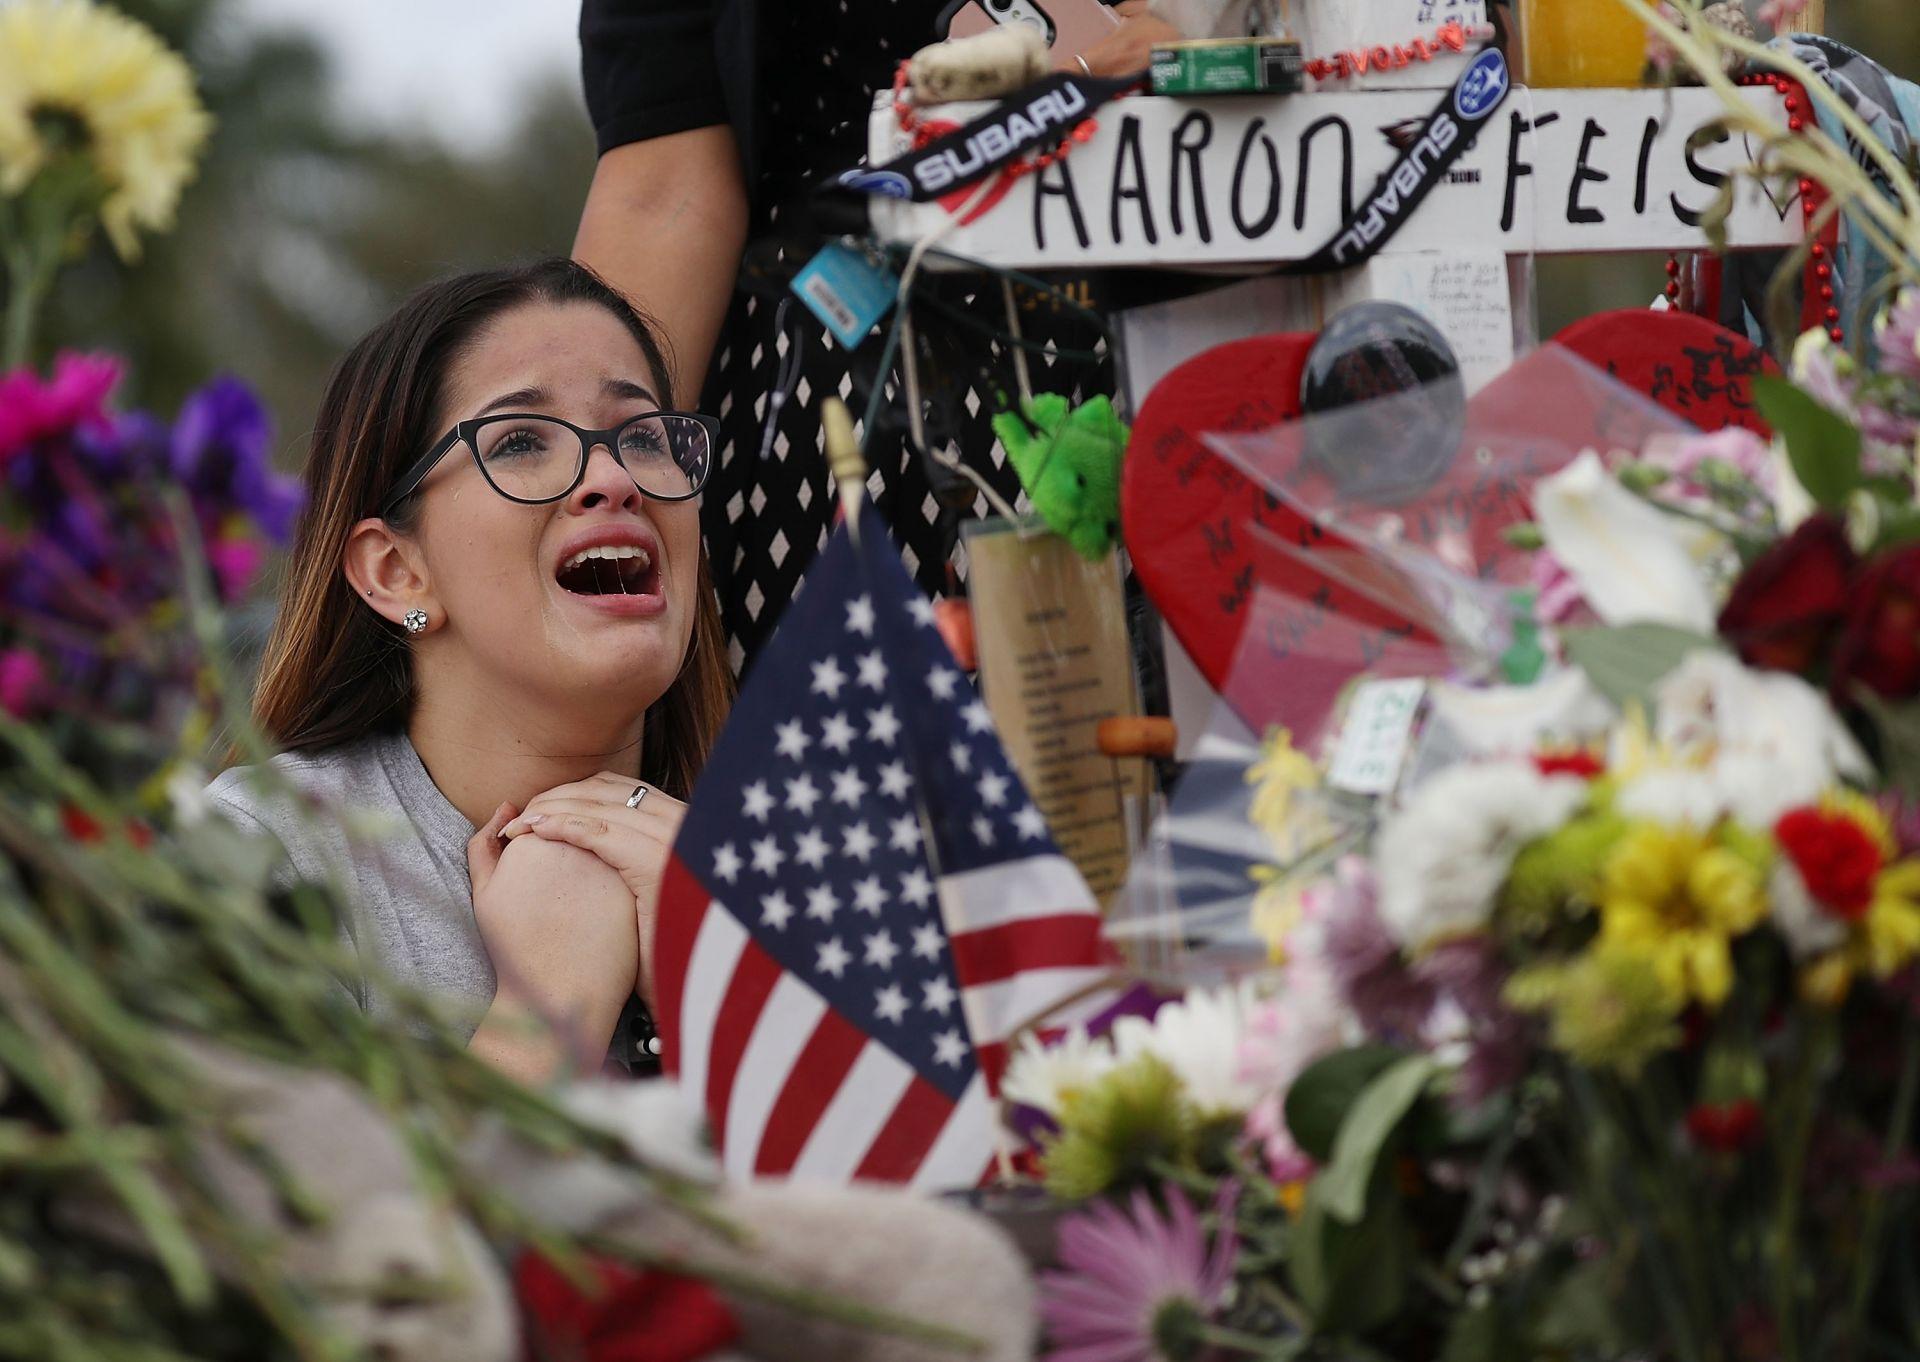 На 14 февруари 19-годишен въоръжен тийнейджър откри стрелба в в колеж в Паркланд, щата Флоридаq и уби 17 души. 11 дни по-късно училището бе отворено